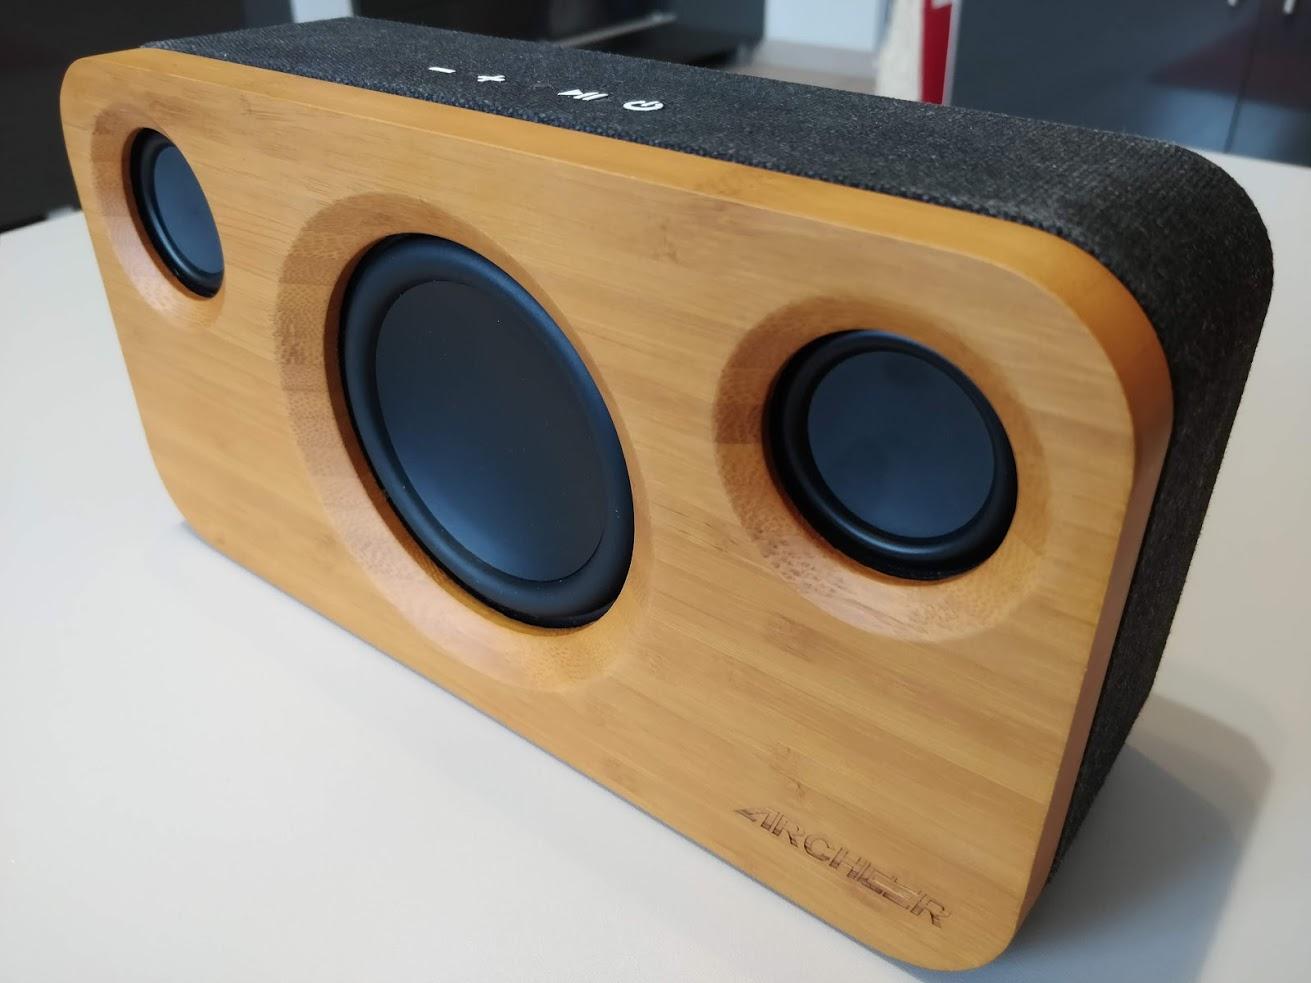 archeer-a320-bluetooth-speaker-1